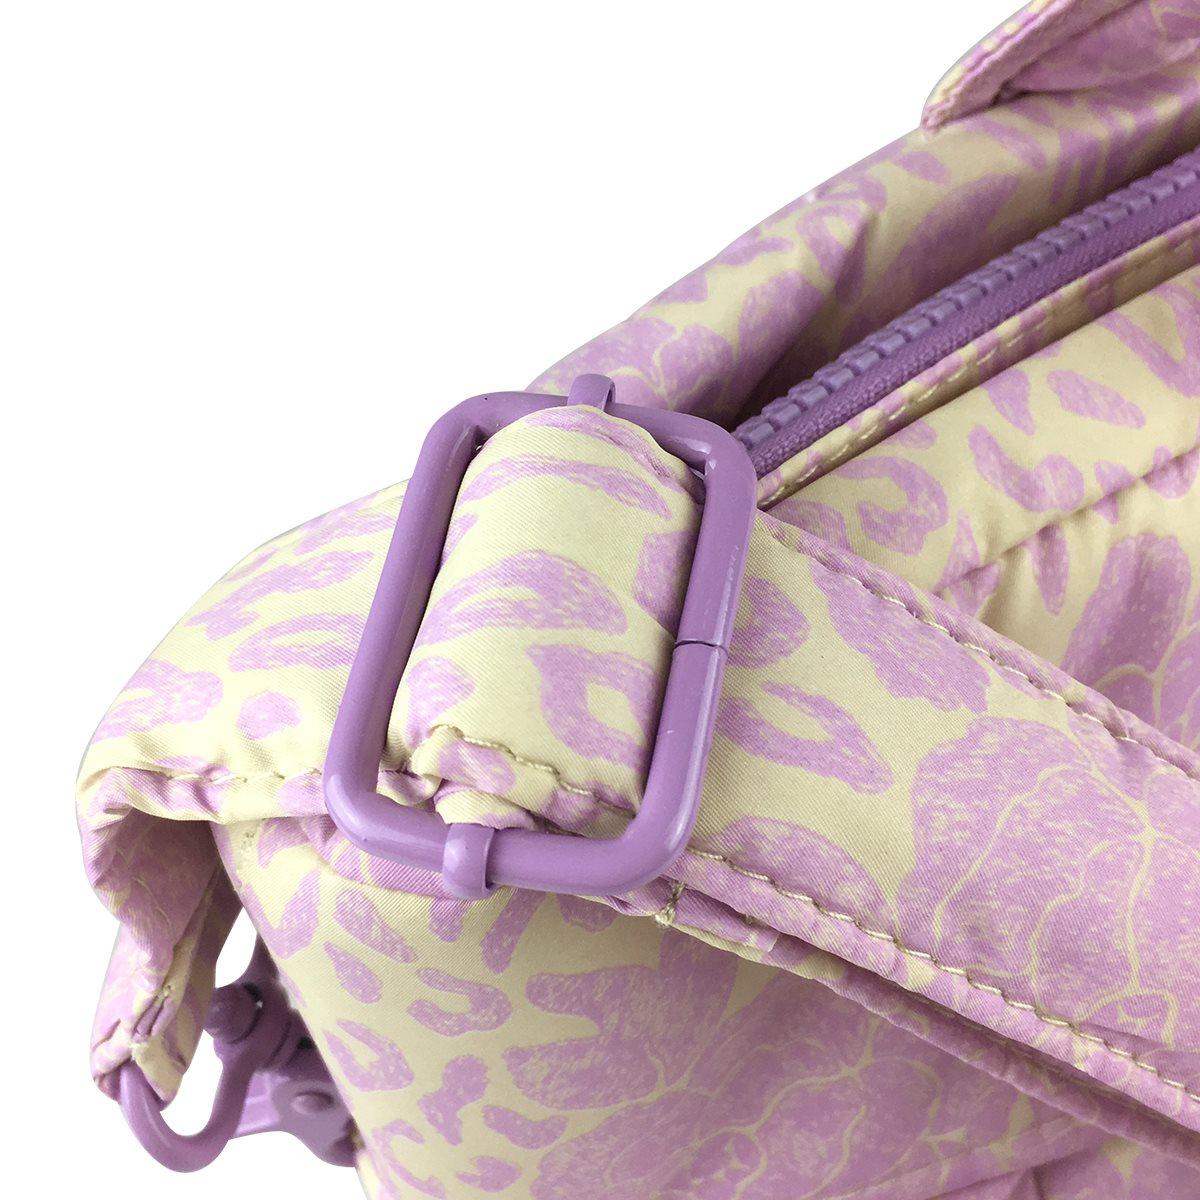 粉红色邮差包 VOVAROVA反折邮差包粉红色运动机能背包单肩包斜s挎包女士国潮包._推荐淘宝好看的粉红色邮差包